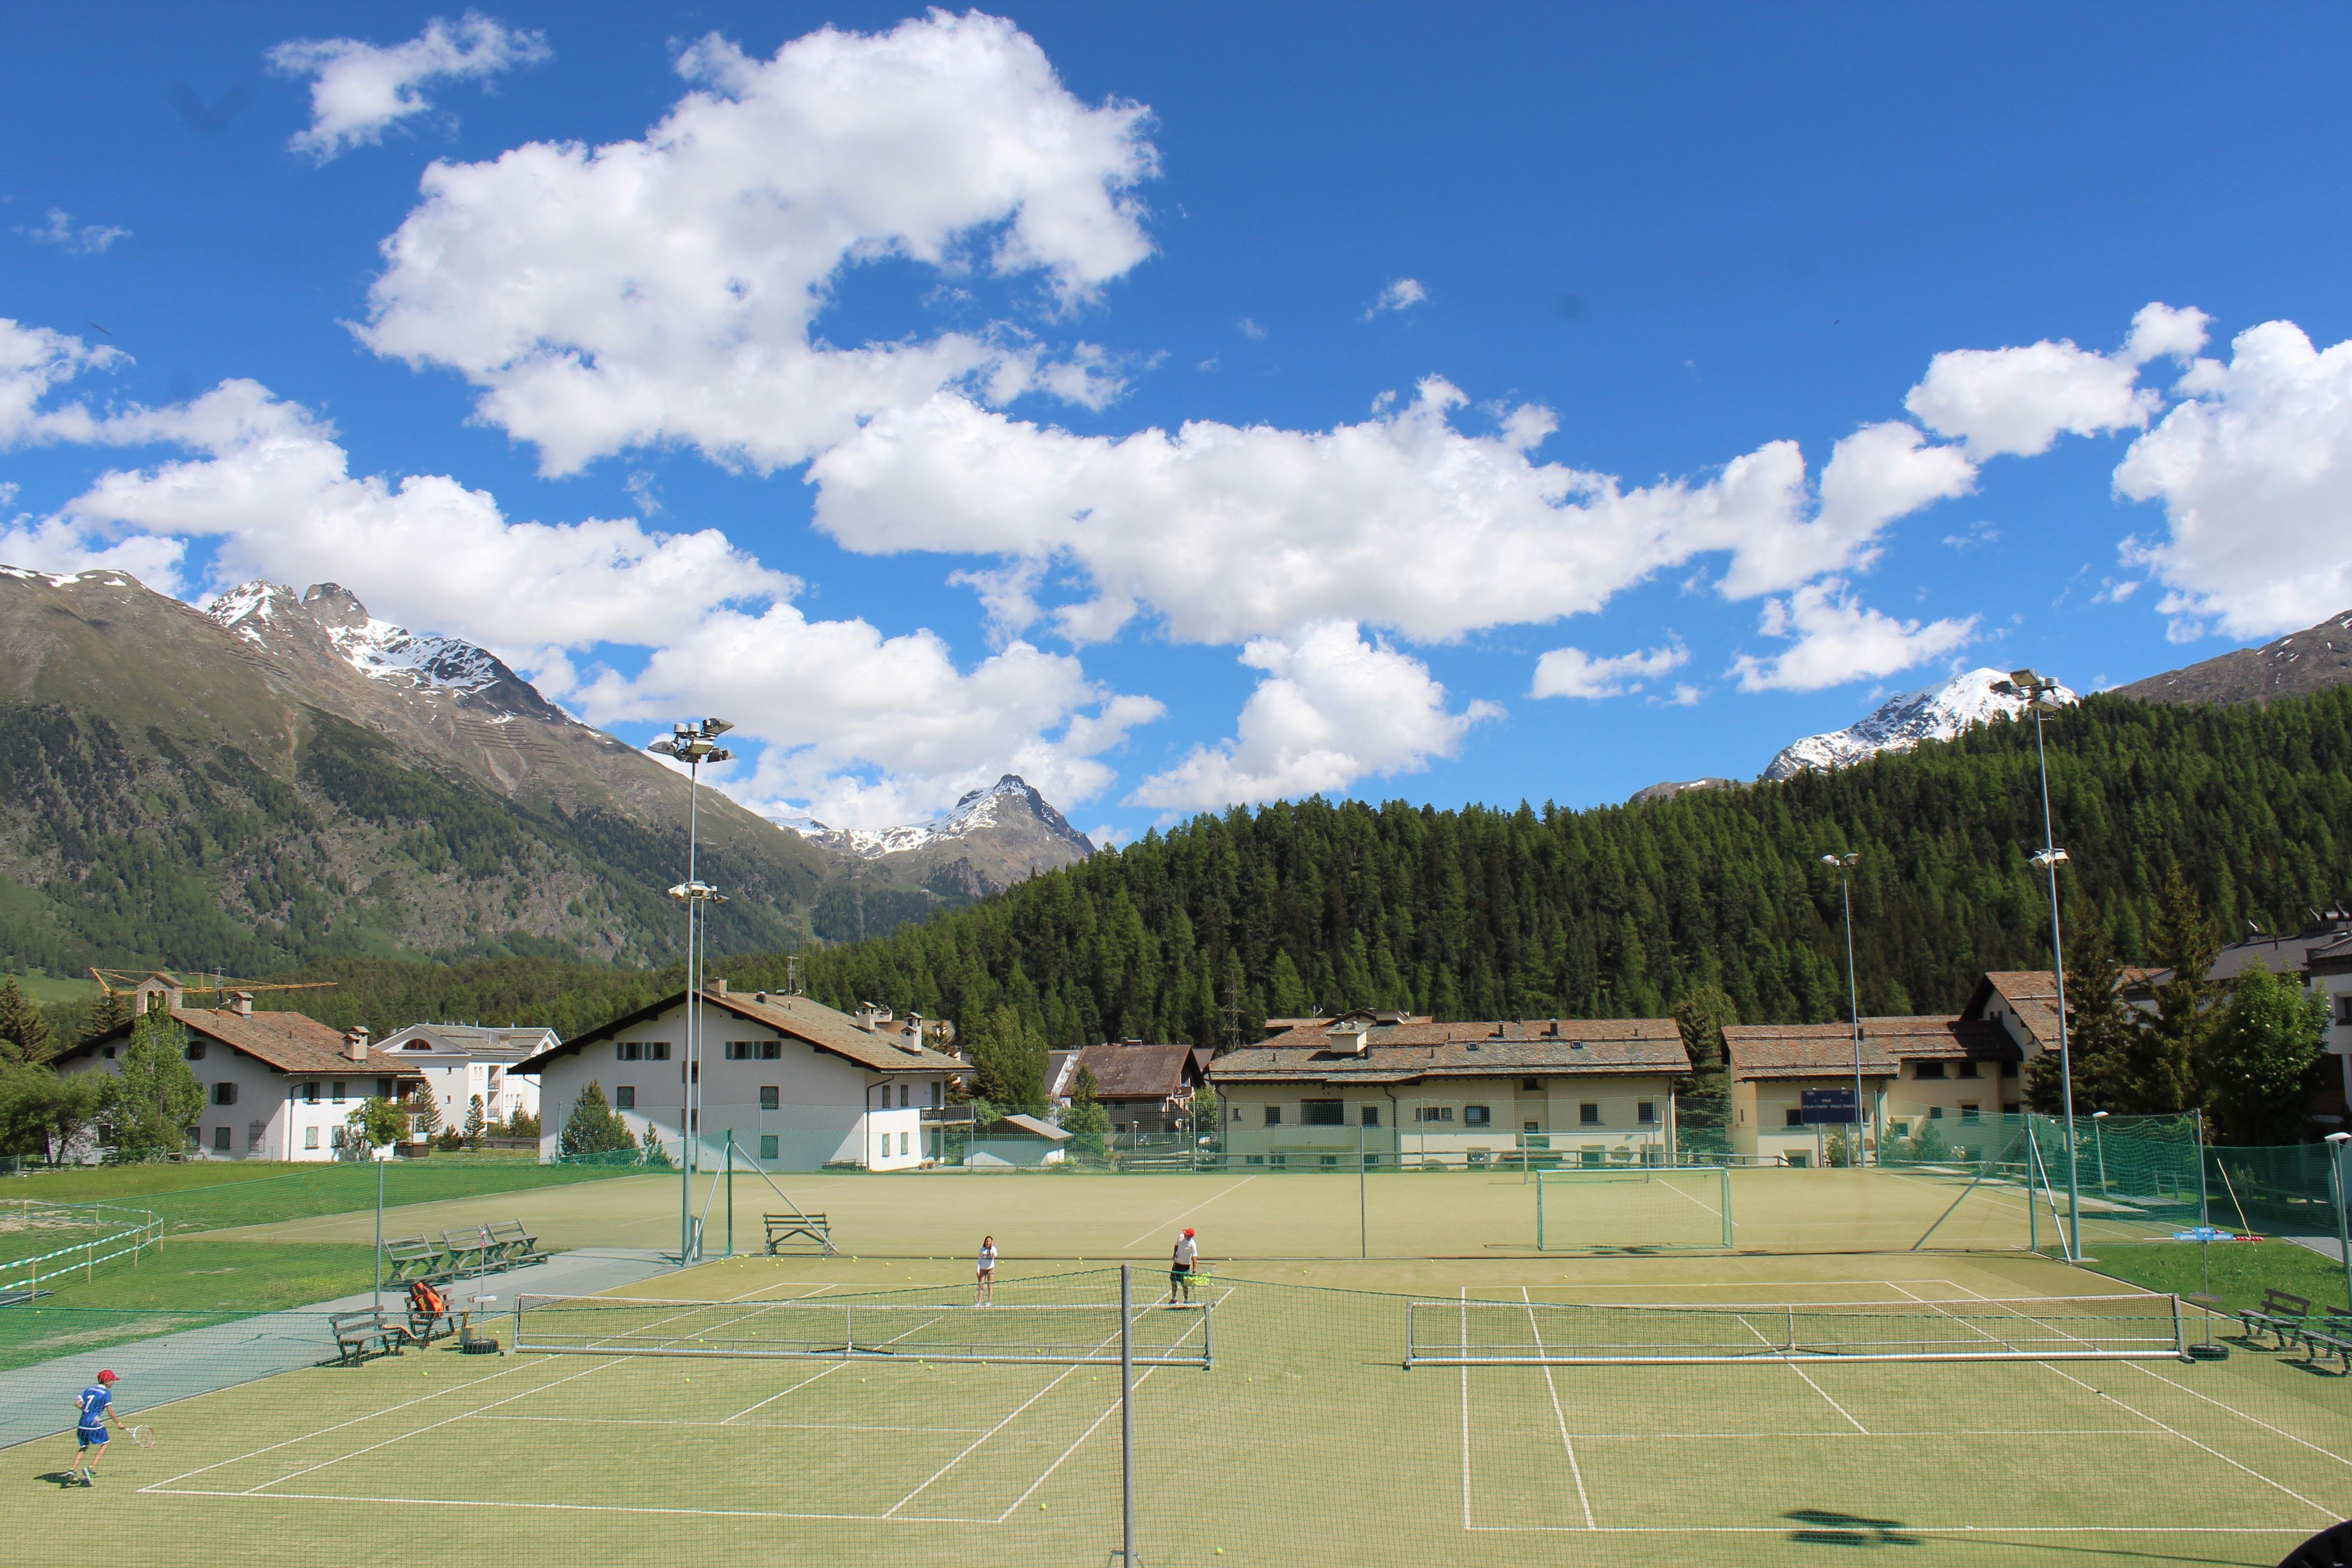 Tennisplatz Cresta Palace Slide 2